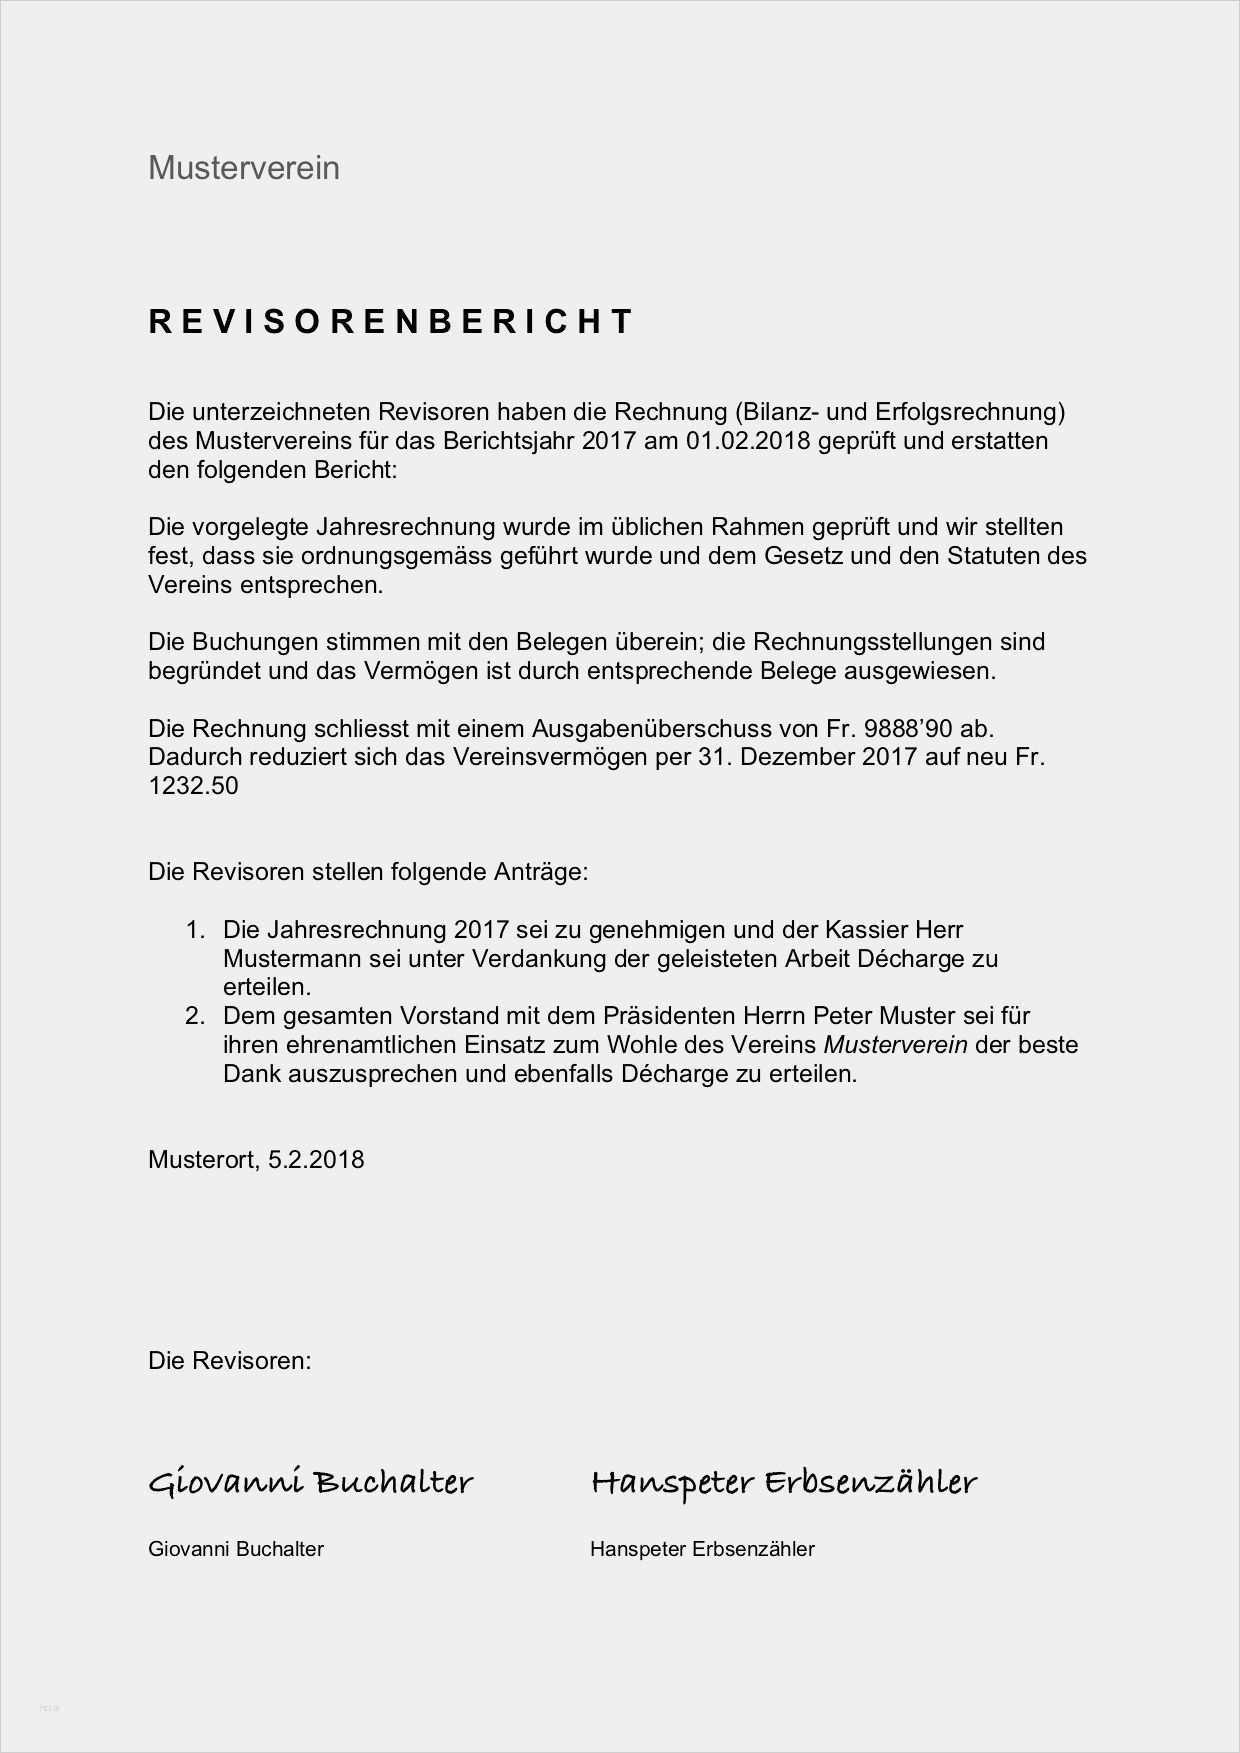 50 Suss Rucktritt Eines Vorstandsmitgliedes Im Verein Vorlage Ideen Vorstand Anschreiben Vorlage Verein